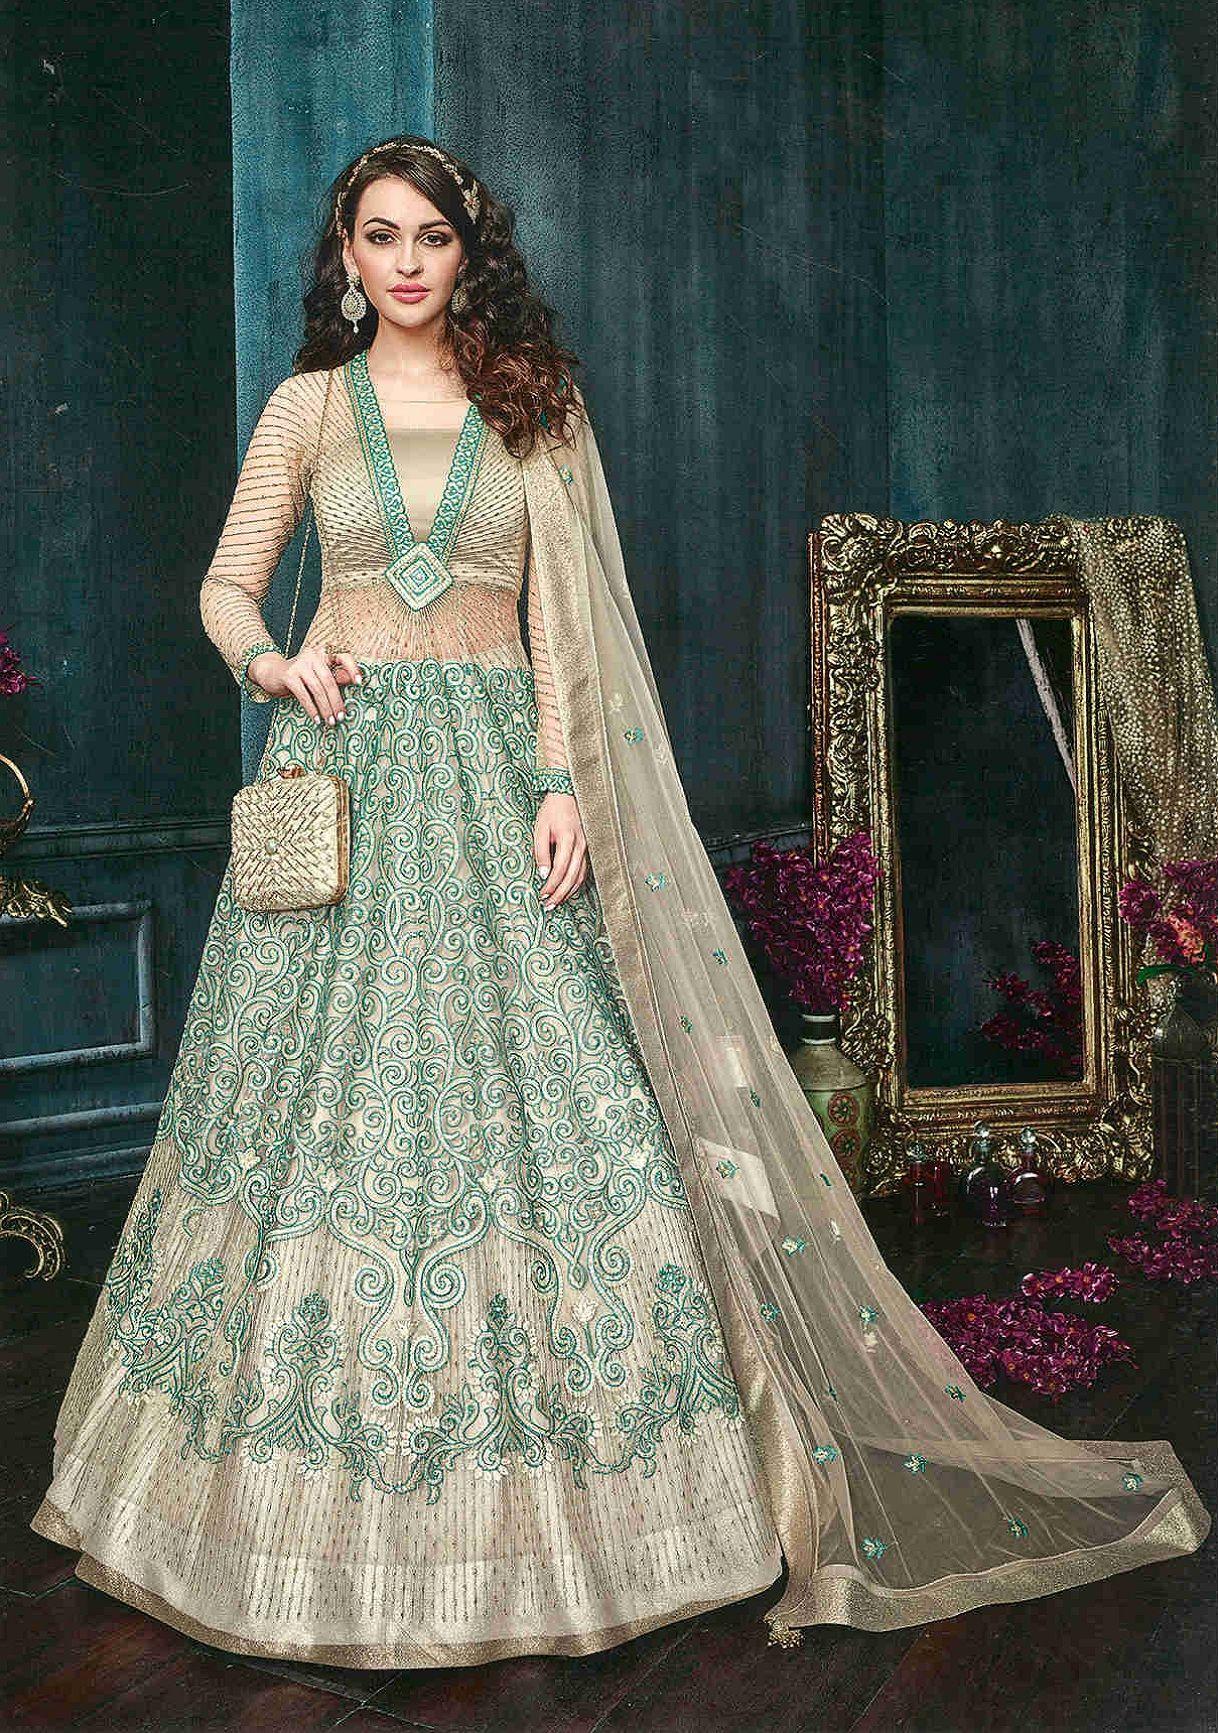 Bridal Wedding Bollywood Indian Anarkali Designer Kameez Long Suit Party Gown